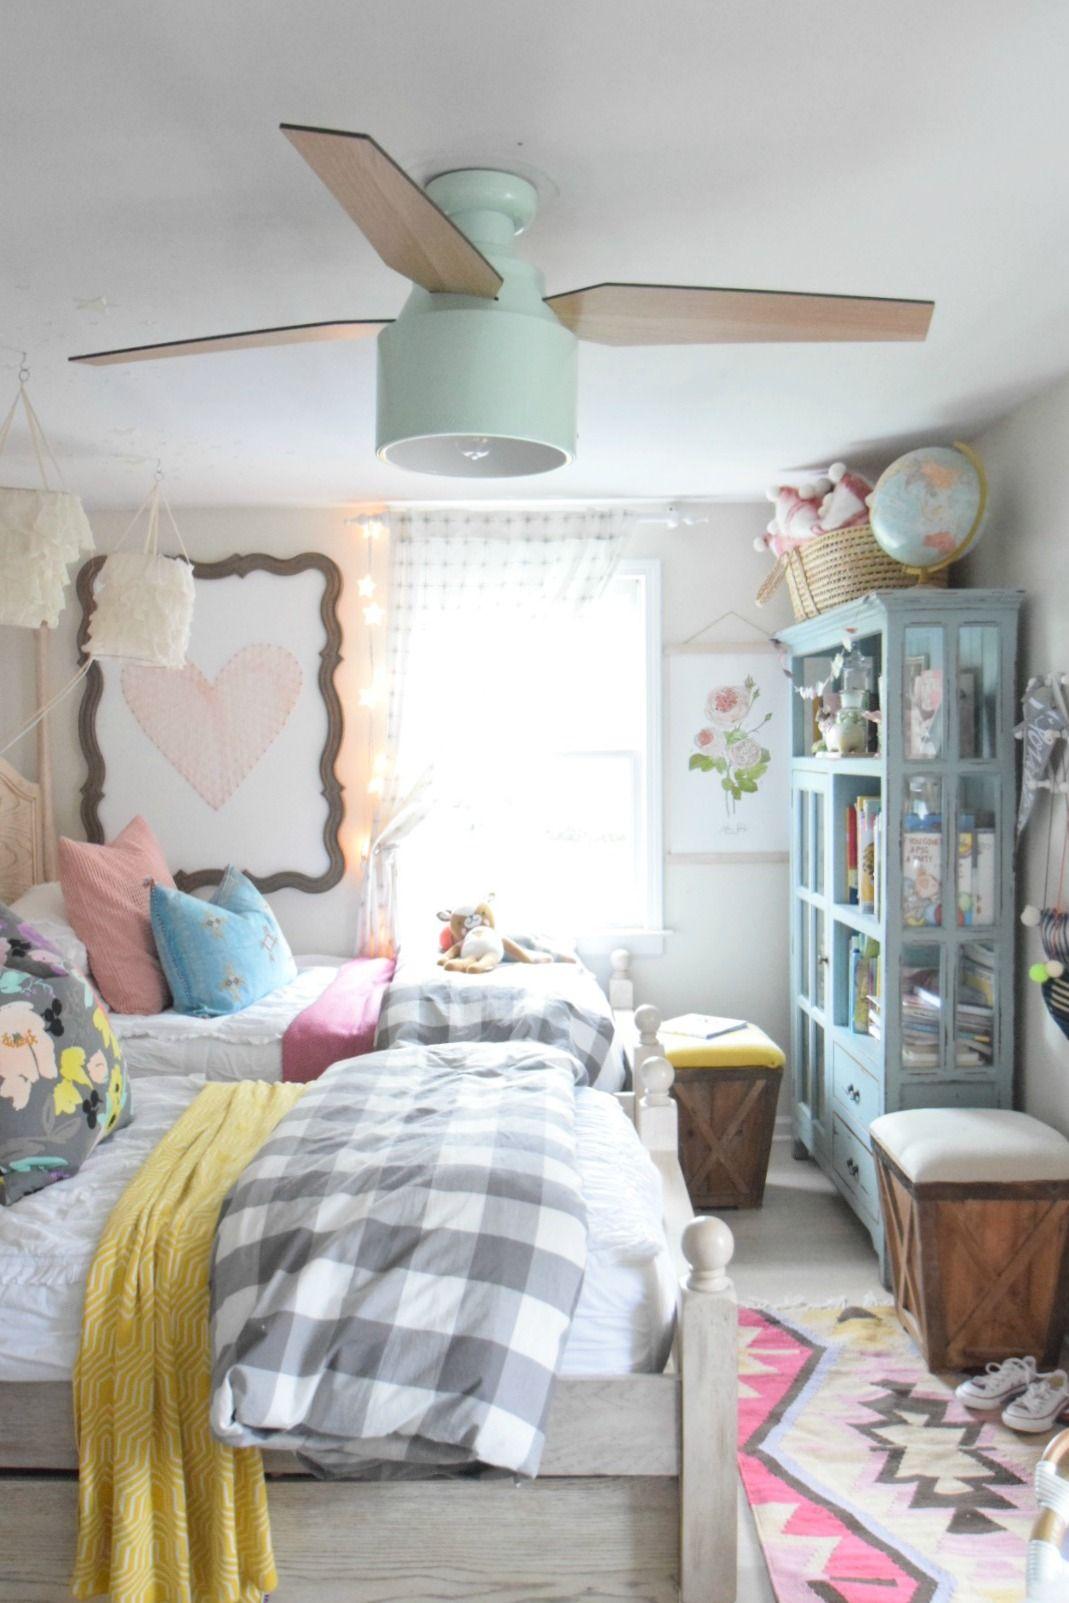 Modern Romantic Bedroom Designs: Home Decor Bedroom, Bedroom Fan